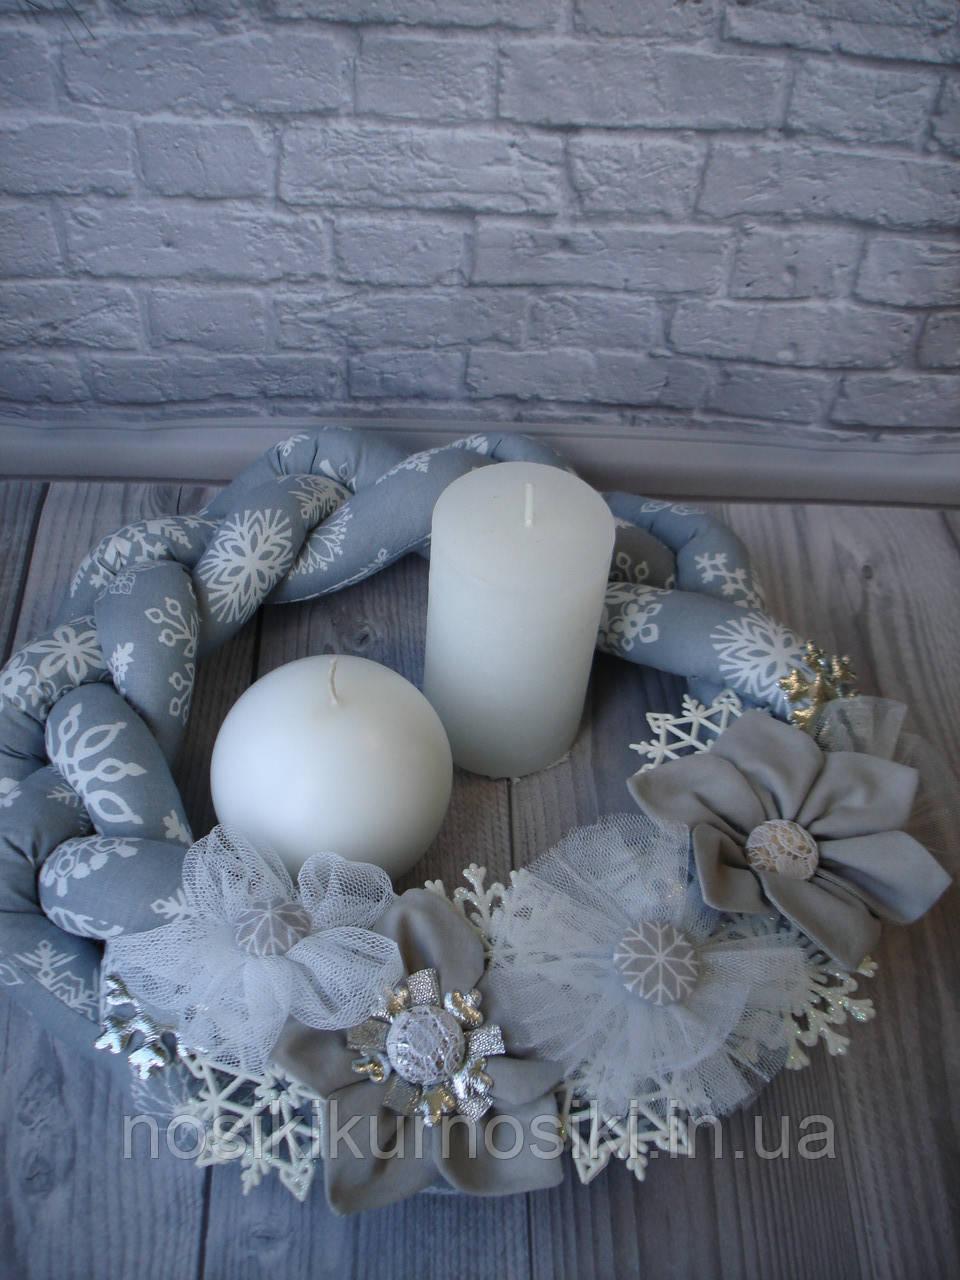 Интерьерный рождественский венок ручной работы из натуральных тканей